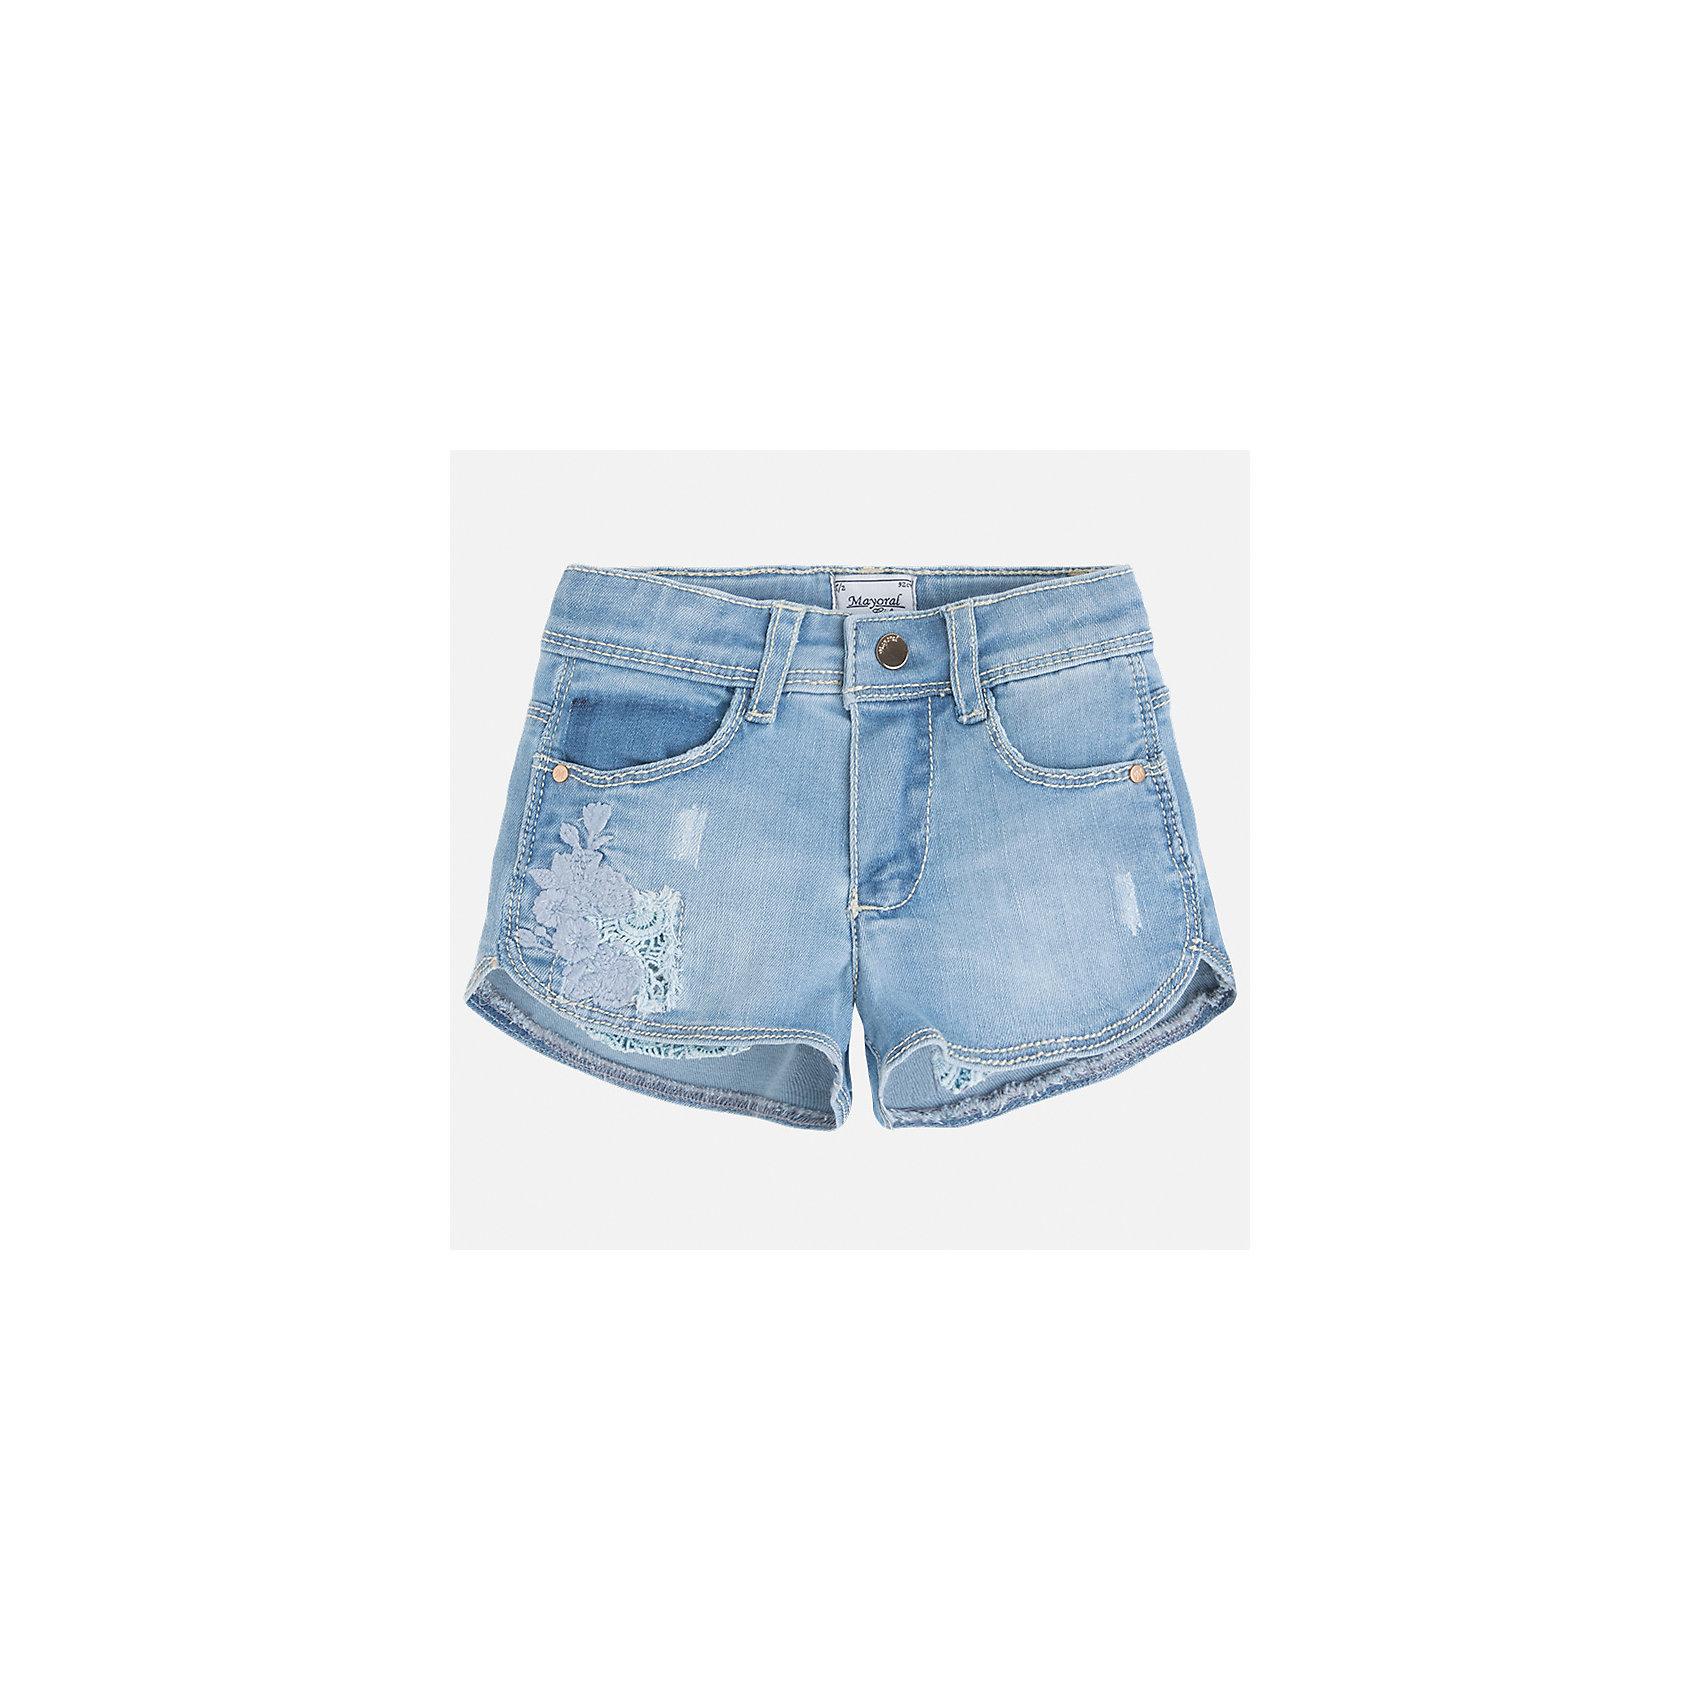 Шорты джинсовые для девочки MayoralДжинсовая одежда<br>Характеристики товара:<br><br>• цвет: голубой<br>• состав: 81% хлопок, 17% полиэстер, 2% эластан<br>• карманы<br>• украшены вышивкой<br>• застежка: пуговица, молния<br>• шлевки<br>• страна бренда: Испания<br><br>Стильные джинсовые шорты для девочки смогут разнообразить гардероб ребенка и украсить наряд. Они отлично сочетаются с майками, футболками, блузками. Красивый оттенок позволяет подобрать к вещи верх разных расцветок. Интересный крой модели делает её нарядной и оригинальной. В составе материала - натуральный хлопок, гипоаллергенный, приятный на ощупь, дышащий.<br><br>Одежда, обувь и аксессуары от испанского бренда Mayoral полюбились детям и взрослым по всему миру. Модели этой марки - стильные и удобные. Для их производства используются только безопасные, качественные материалы и фурнитура. Порадуйте ребенка модными и красивыми вещами от Mayoral! <br><br>Шорты для девочки от испанского бренда Mayoral (Майорал) можно купить в нашем интернет-магазине.<br><br>Ширина мм: 191<br>Глубина мм: 10<br>Высота мм: 175<br>Вес г: 273<br>Цвет: синий<br>Возраст от месяцев: 18<br>Возраст до месяцев: 24<br>Пол: Женский<br>Возраст: Детский<br>Размер: 92,134,98,104,110,116,122,128<br>SKU: 5289780